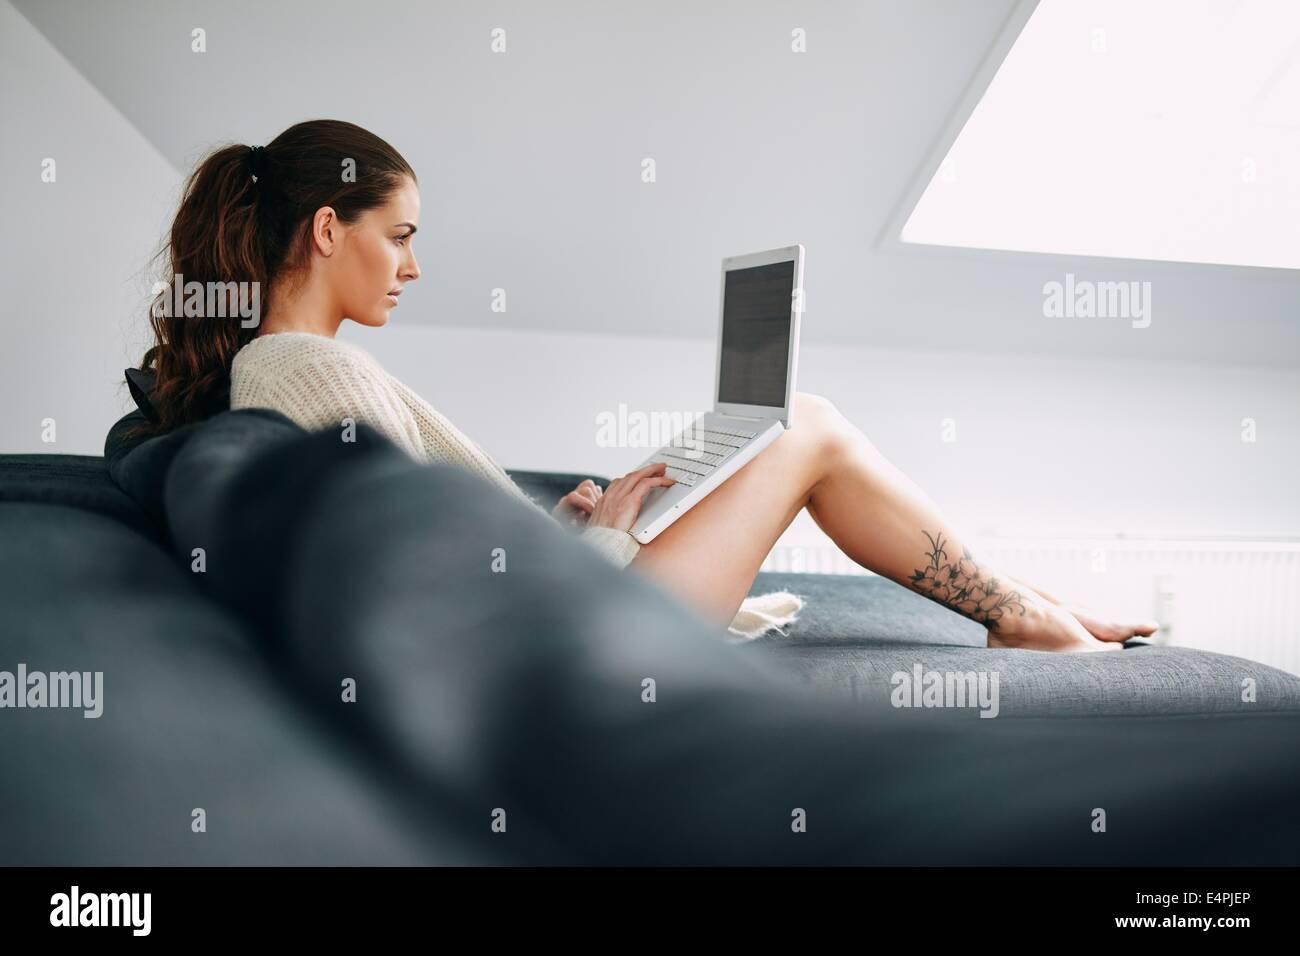 Image de jolie jeune femme brune à l'aide d'ordinateur portable à la maison. Les jeunes femmes Photo Stock